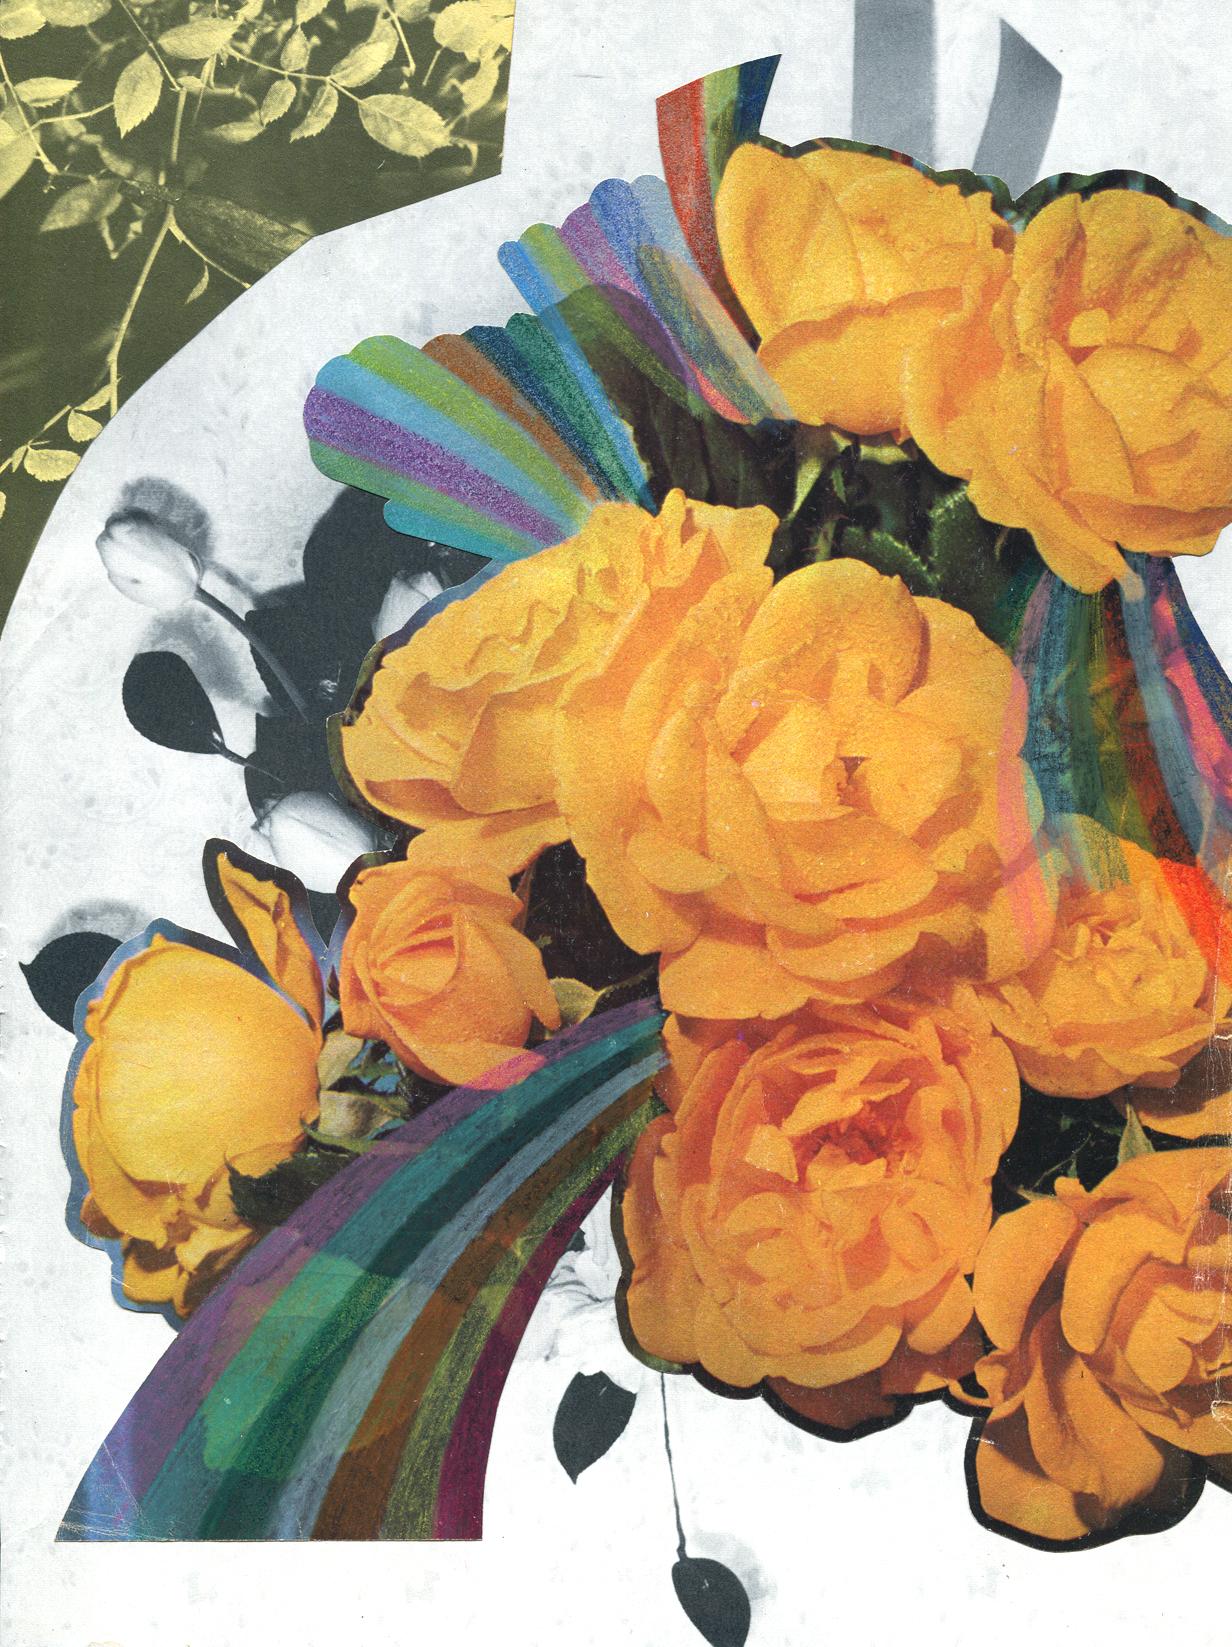 Rainbow Rose Garden #4, collage, found paper, pencil